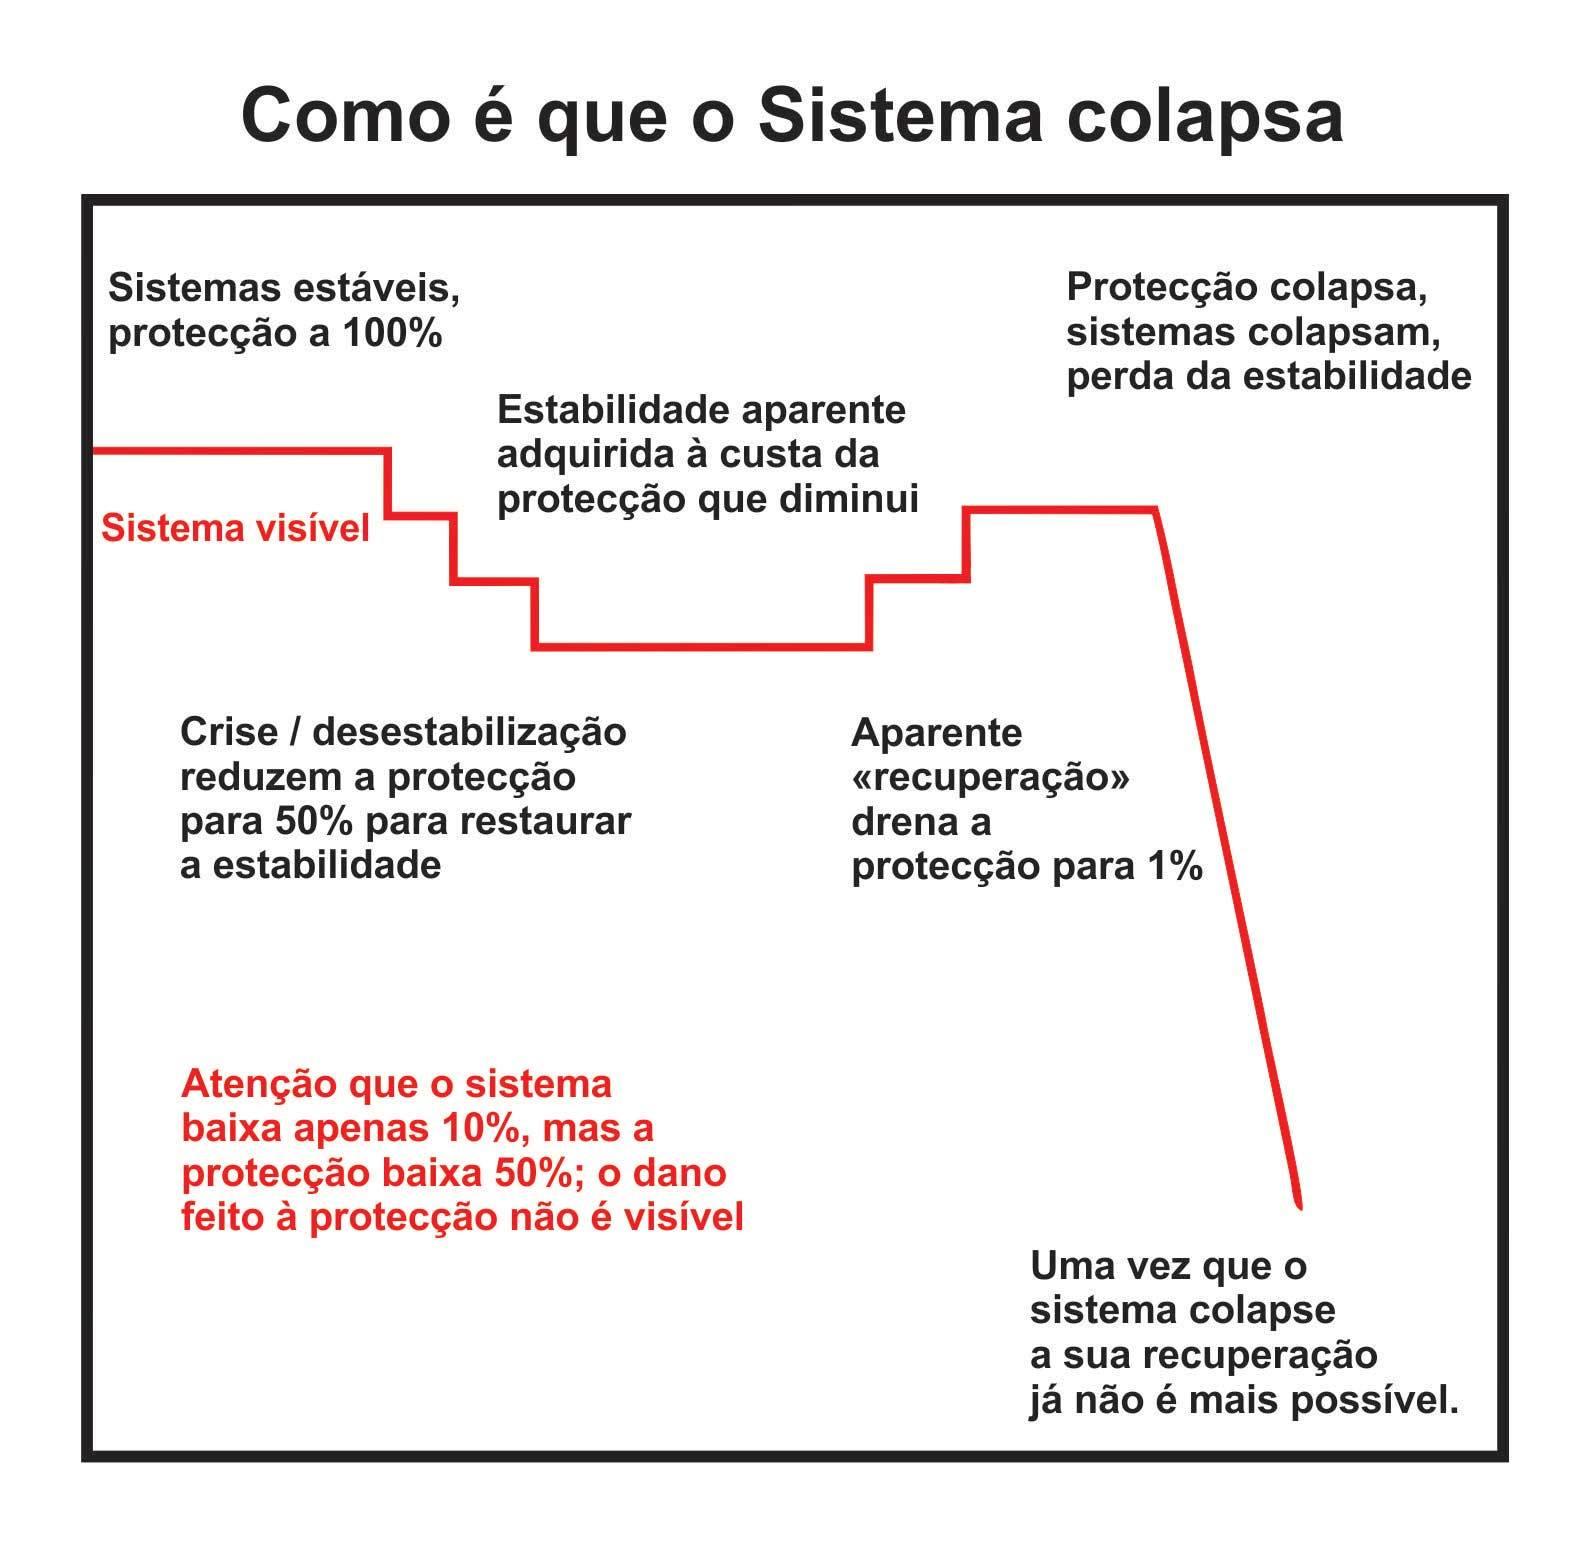 opção delta cobra 6 de novembro de 2018 gráfico do colapso dos sistemas